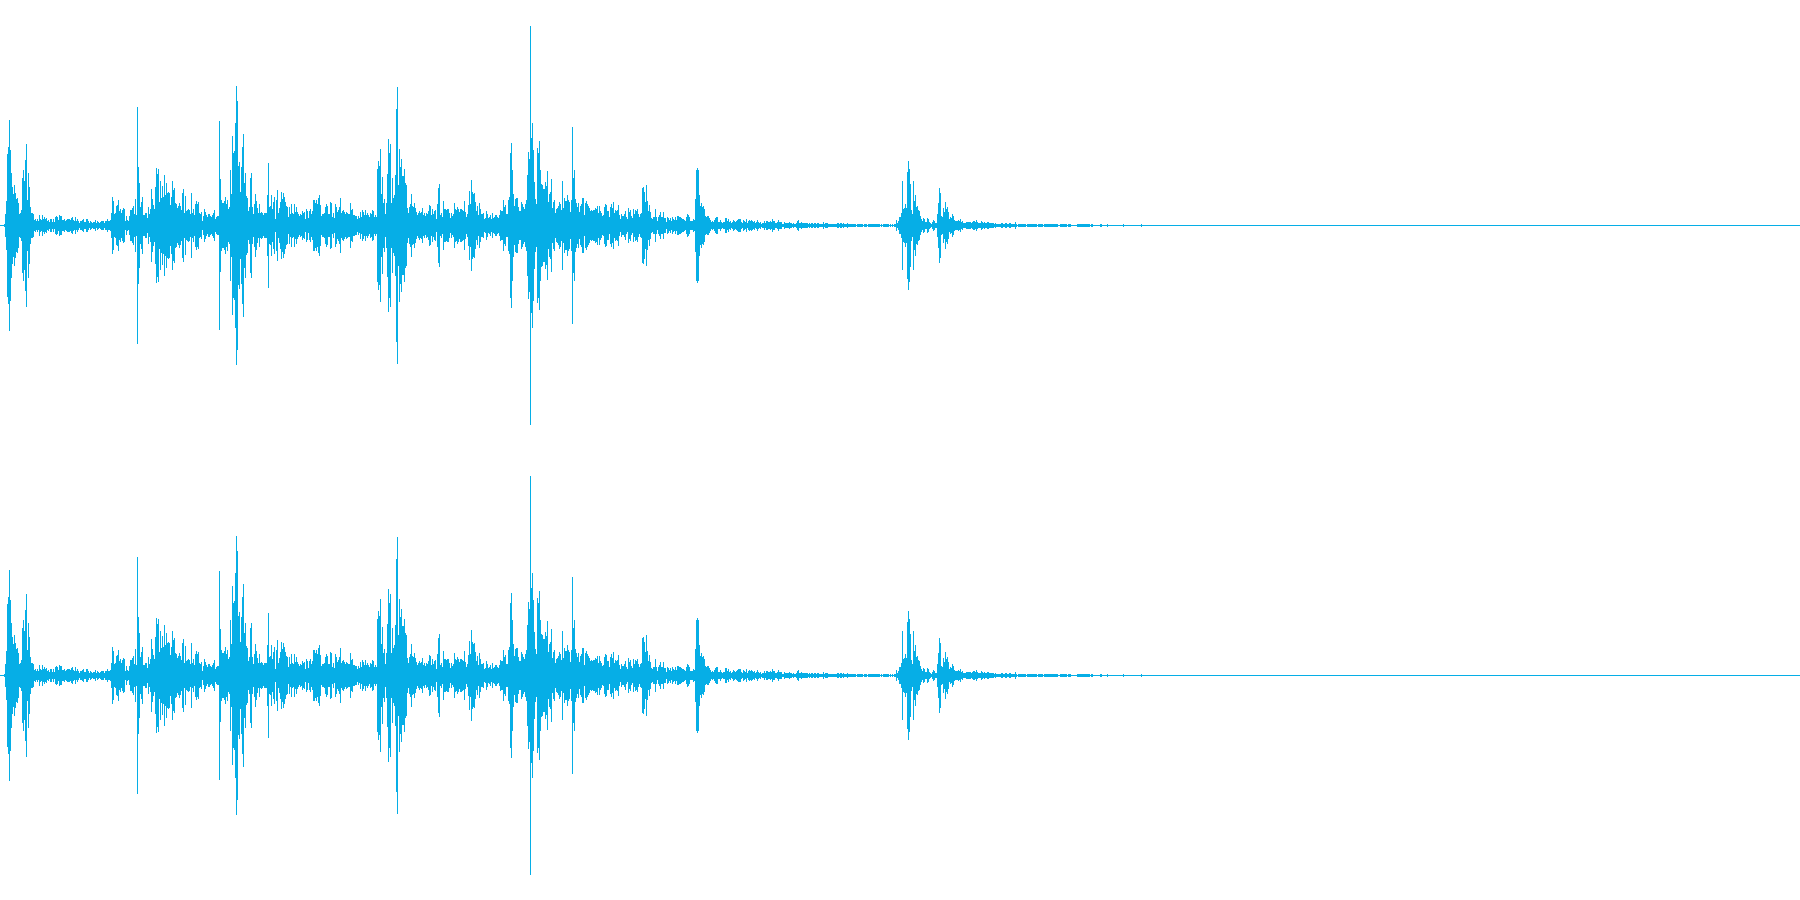 【生録音】ルービックキューブの操作音 4の再生済みの波形